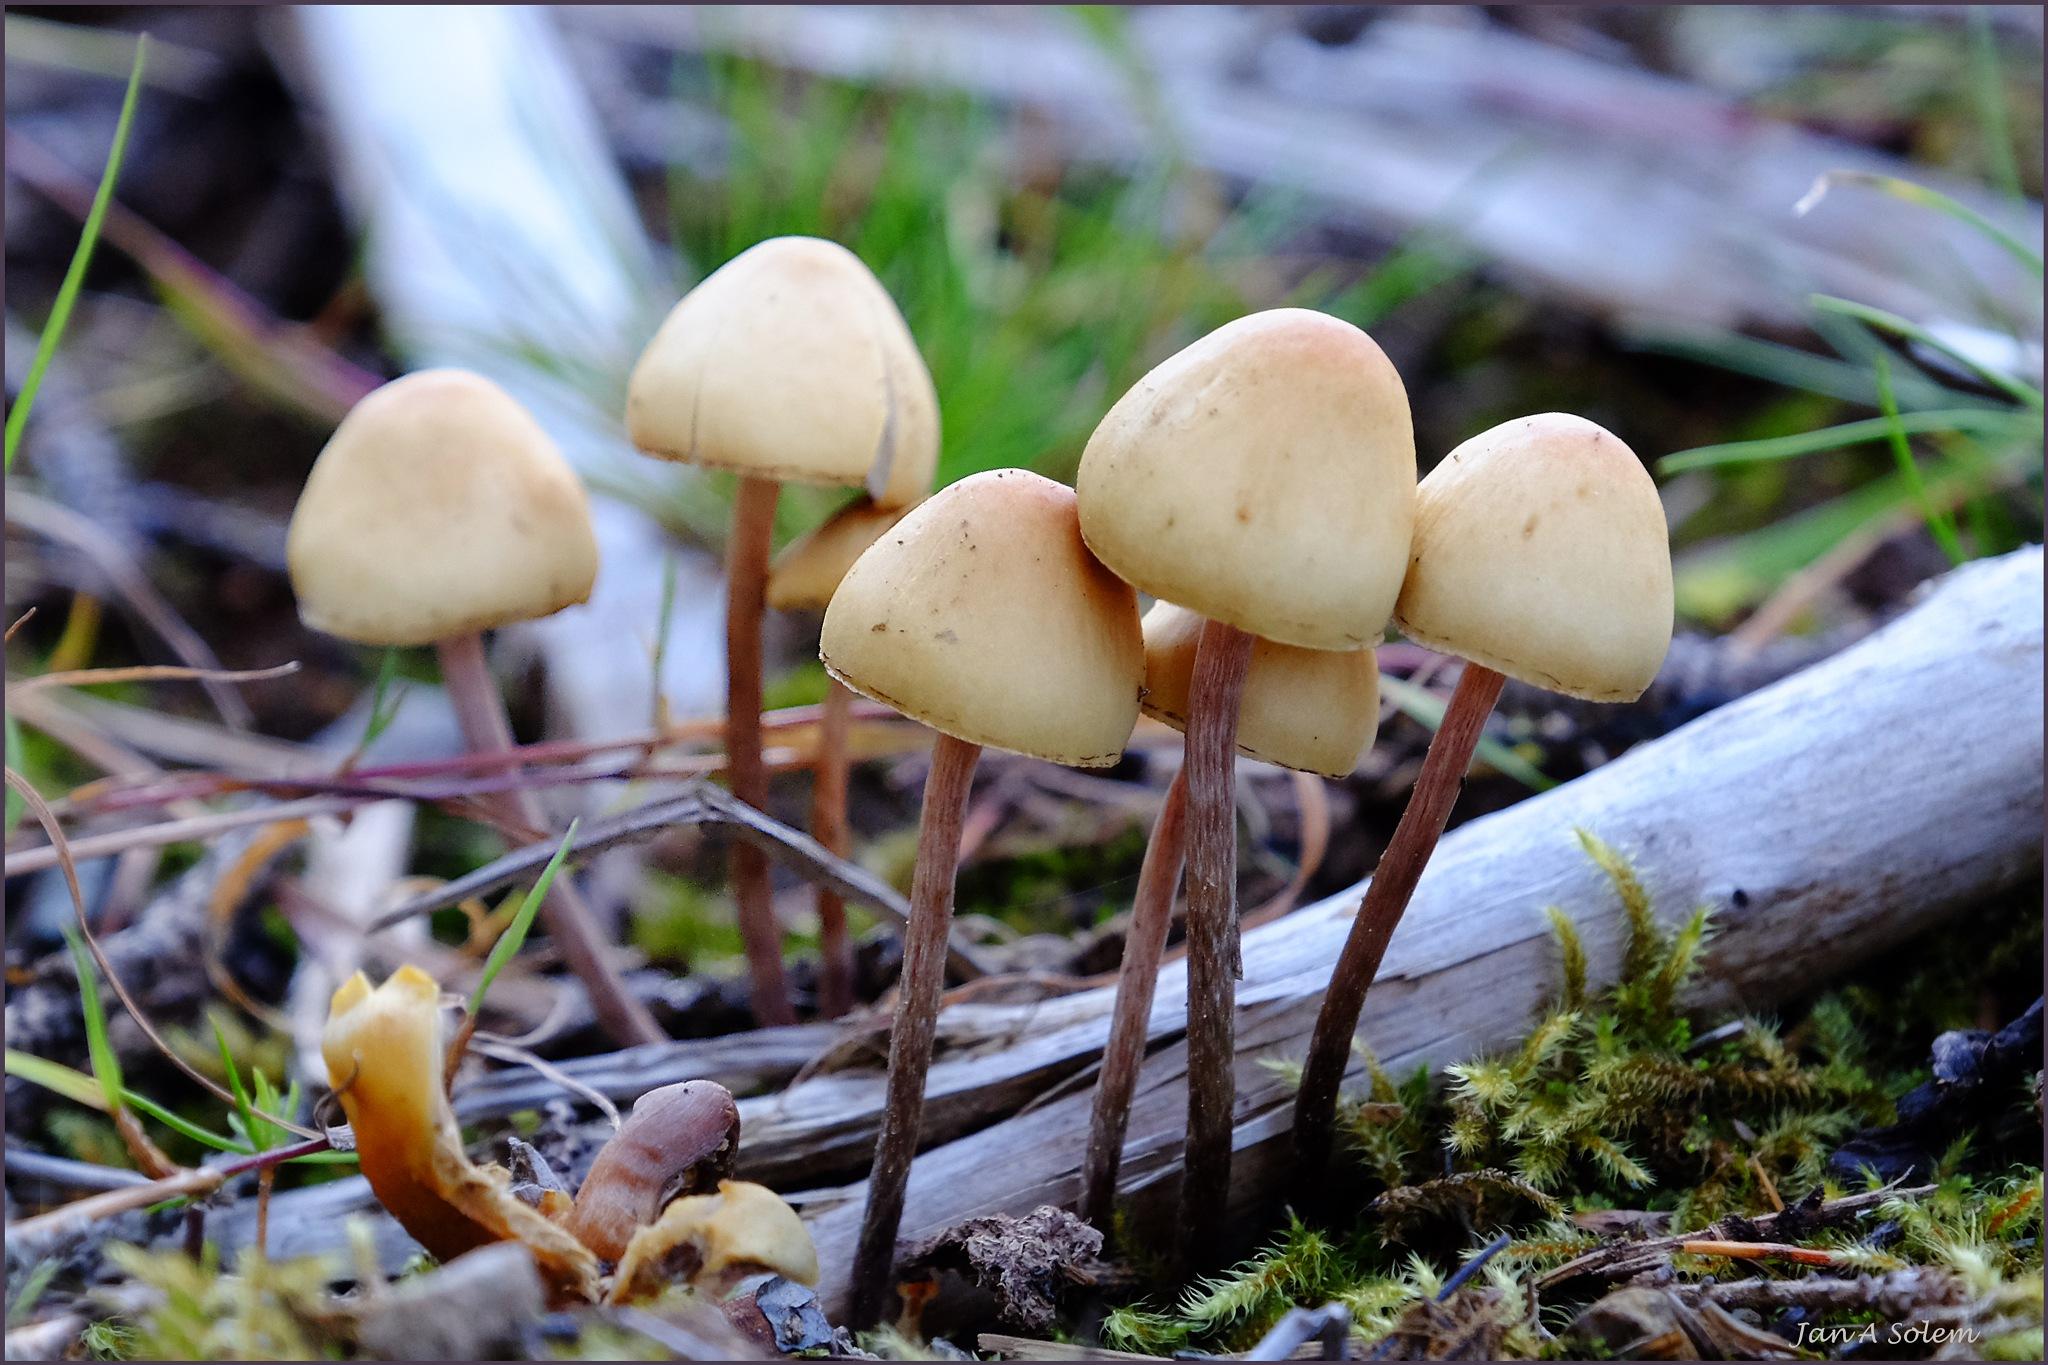 October Mushrooms by Jan Arvid Solem